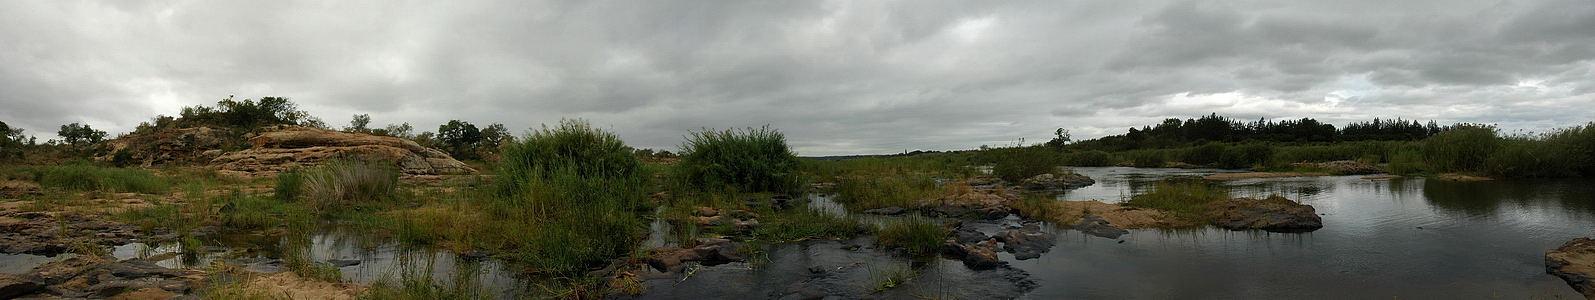 Krüger National Park - Hippo Pool (reload)